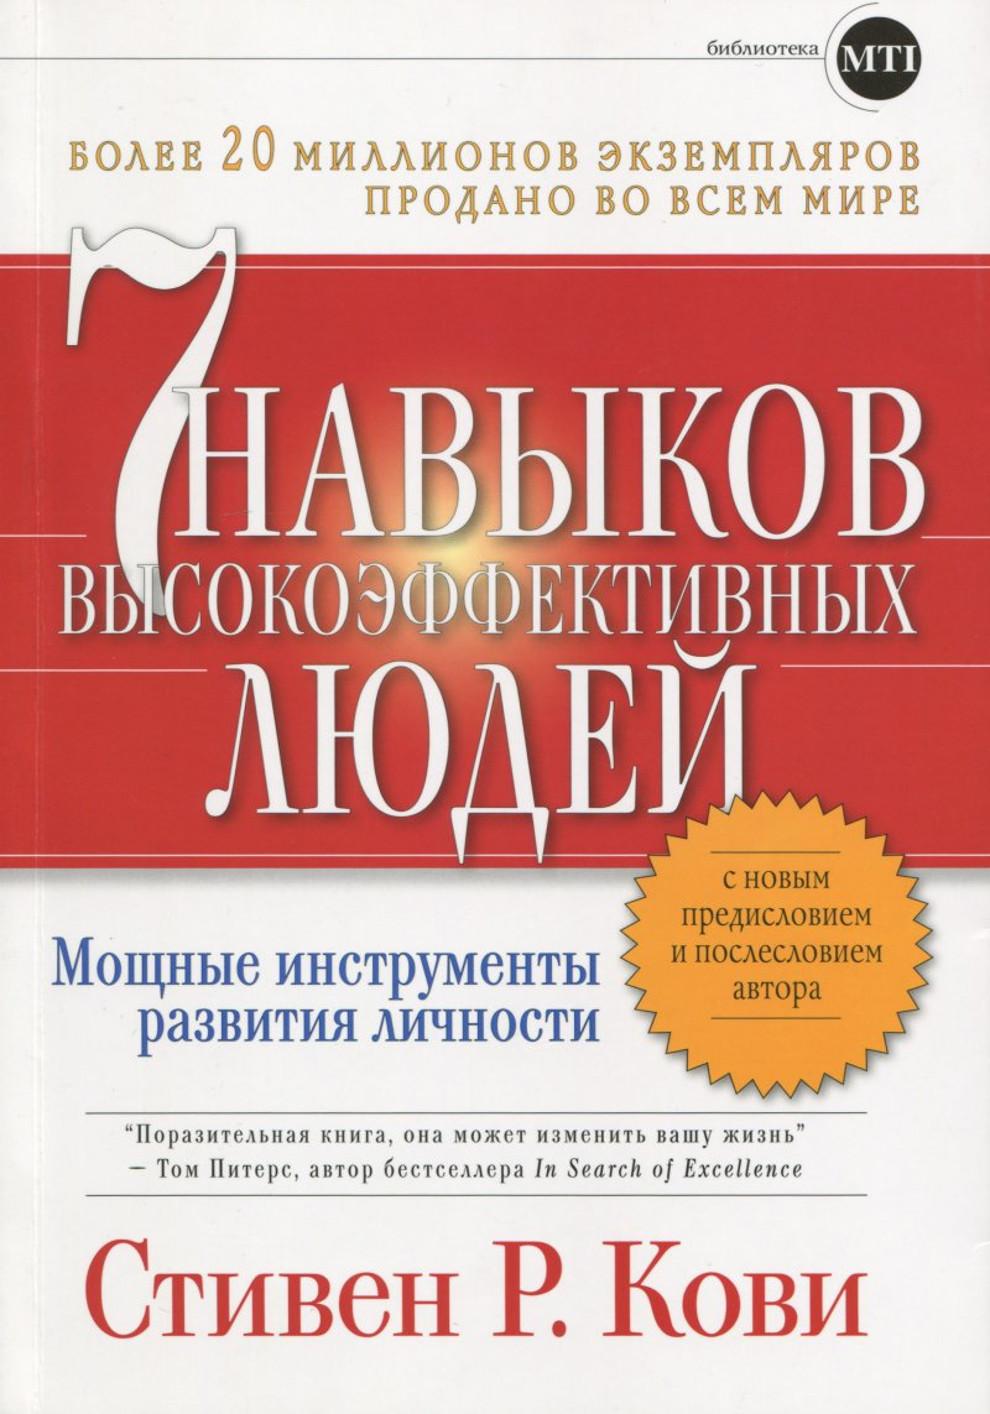 мотивирующие книги